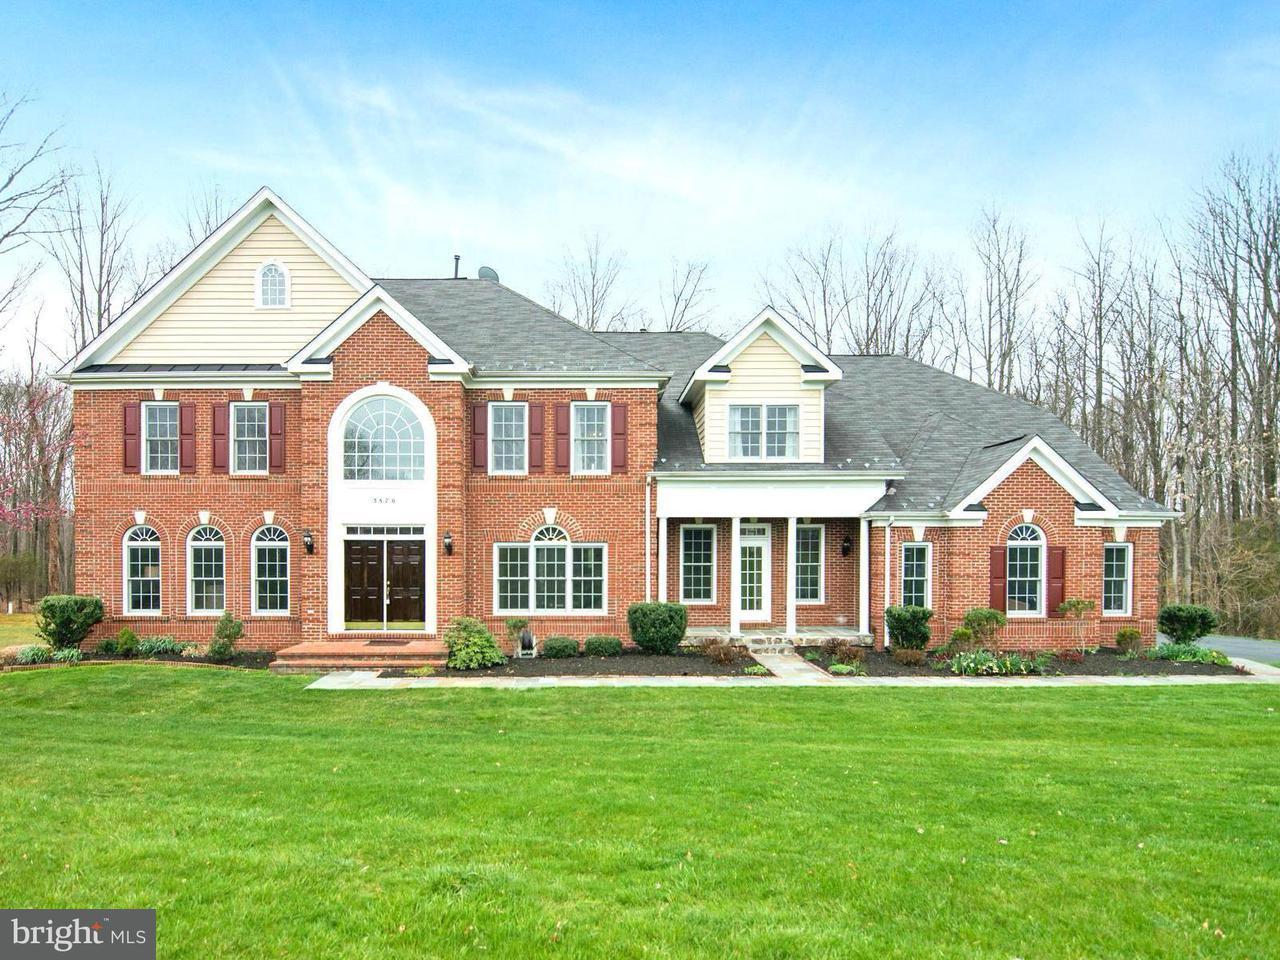 一戸建て のために 売買 アット 3870 Avonlea Way 3870 Avonlea Way Catharpin, バージニア 20143 アメリカ合衆国